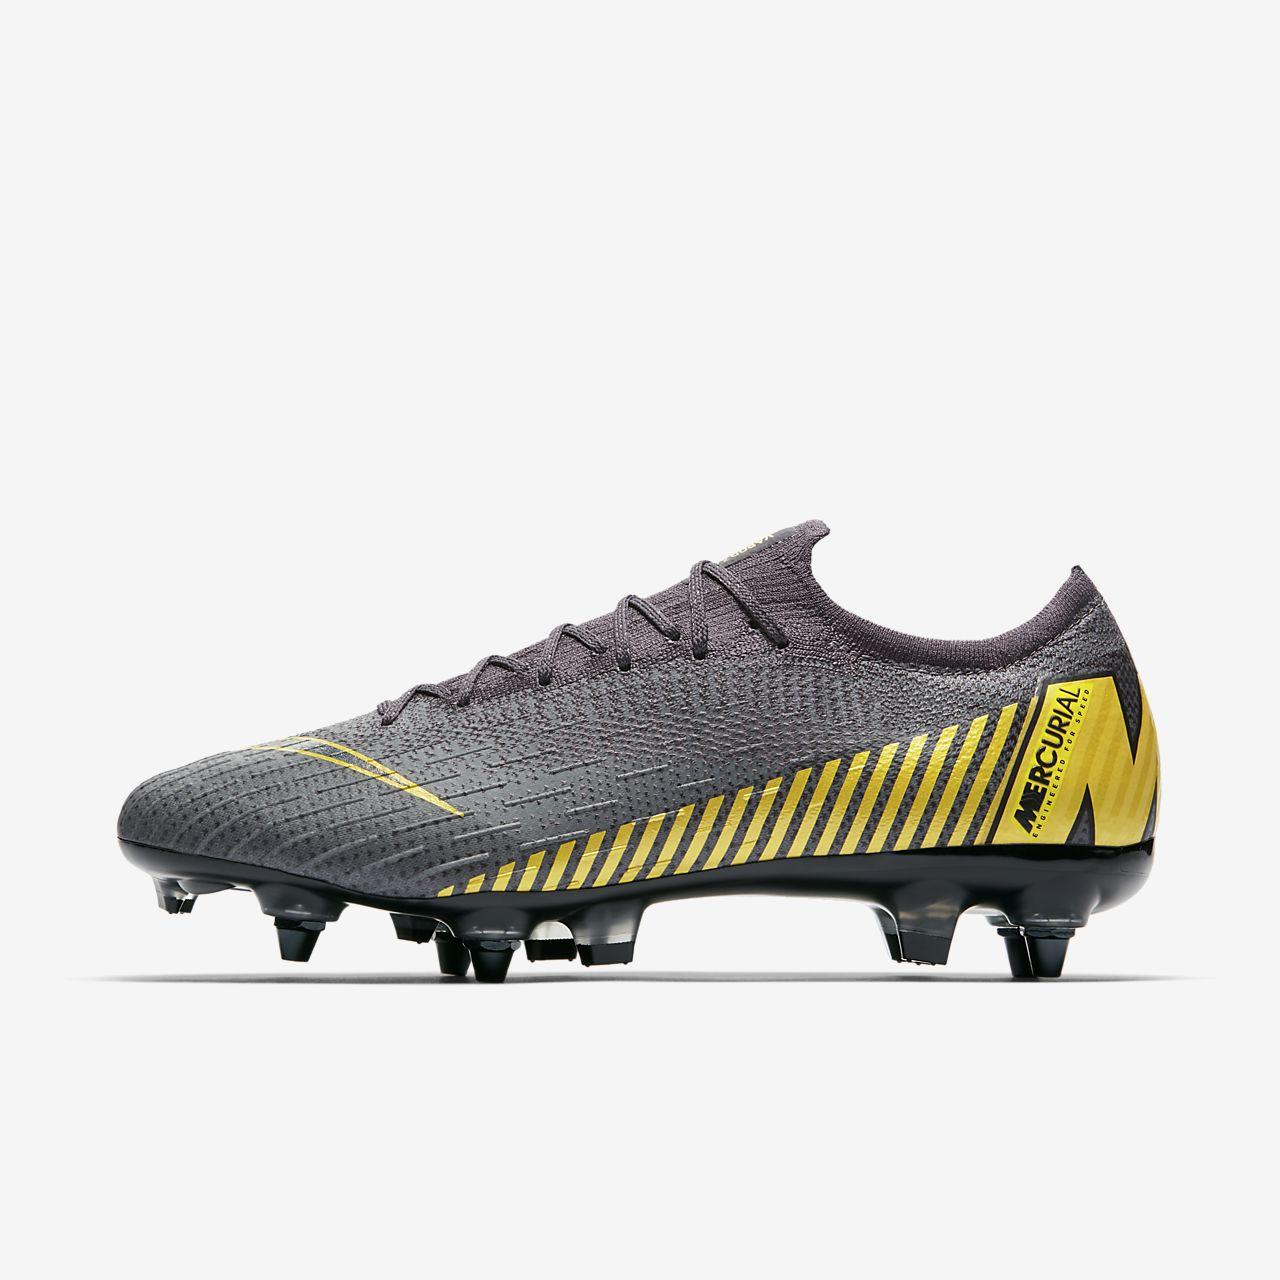 Nike Mercurial Vapor 360 Elite SG-PRO Anti-Clog Fußballschuh für weichen Rasen